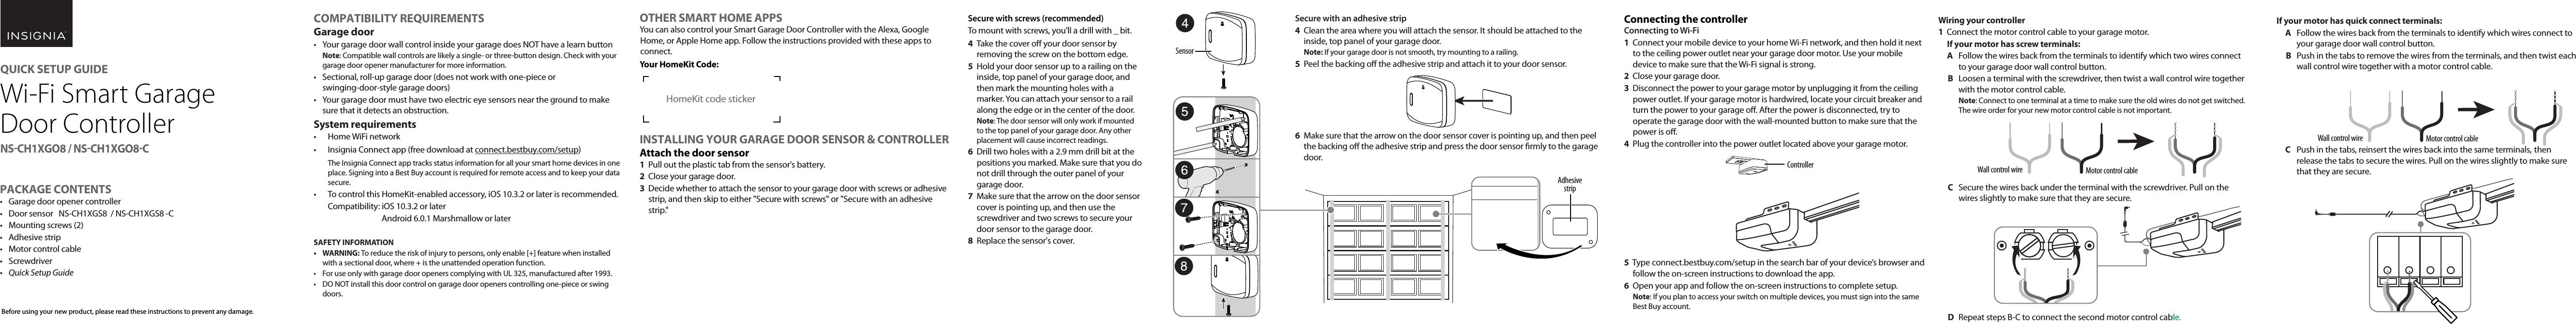 Powertech Co Ns Ch1xgs8 Door Sensor User Manual Ch1xgo8 17 0233 Fcc B Wiring Diagram Push Pull